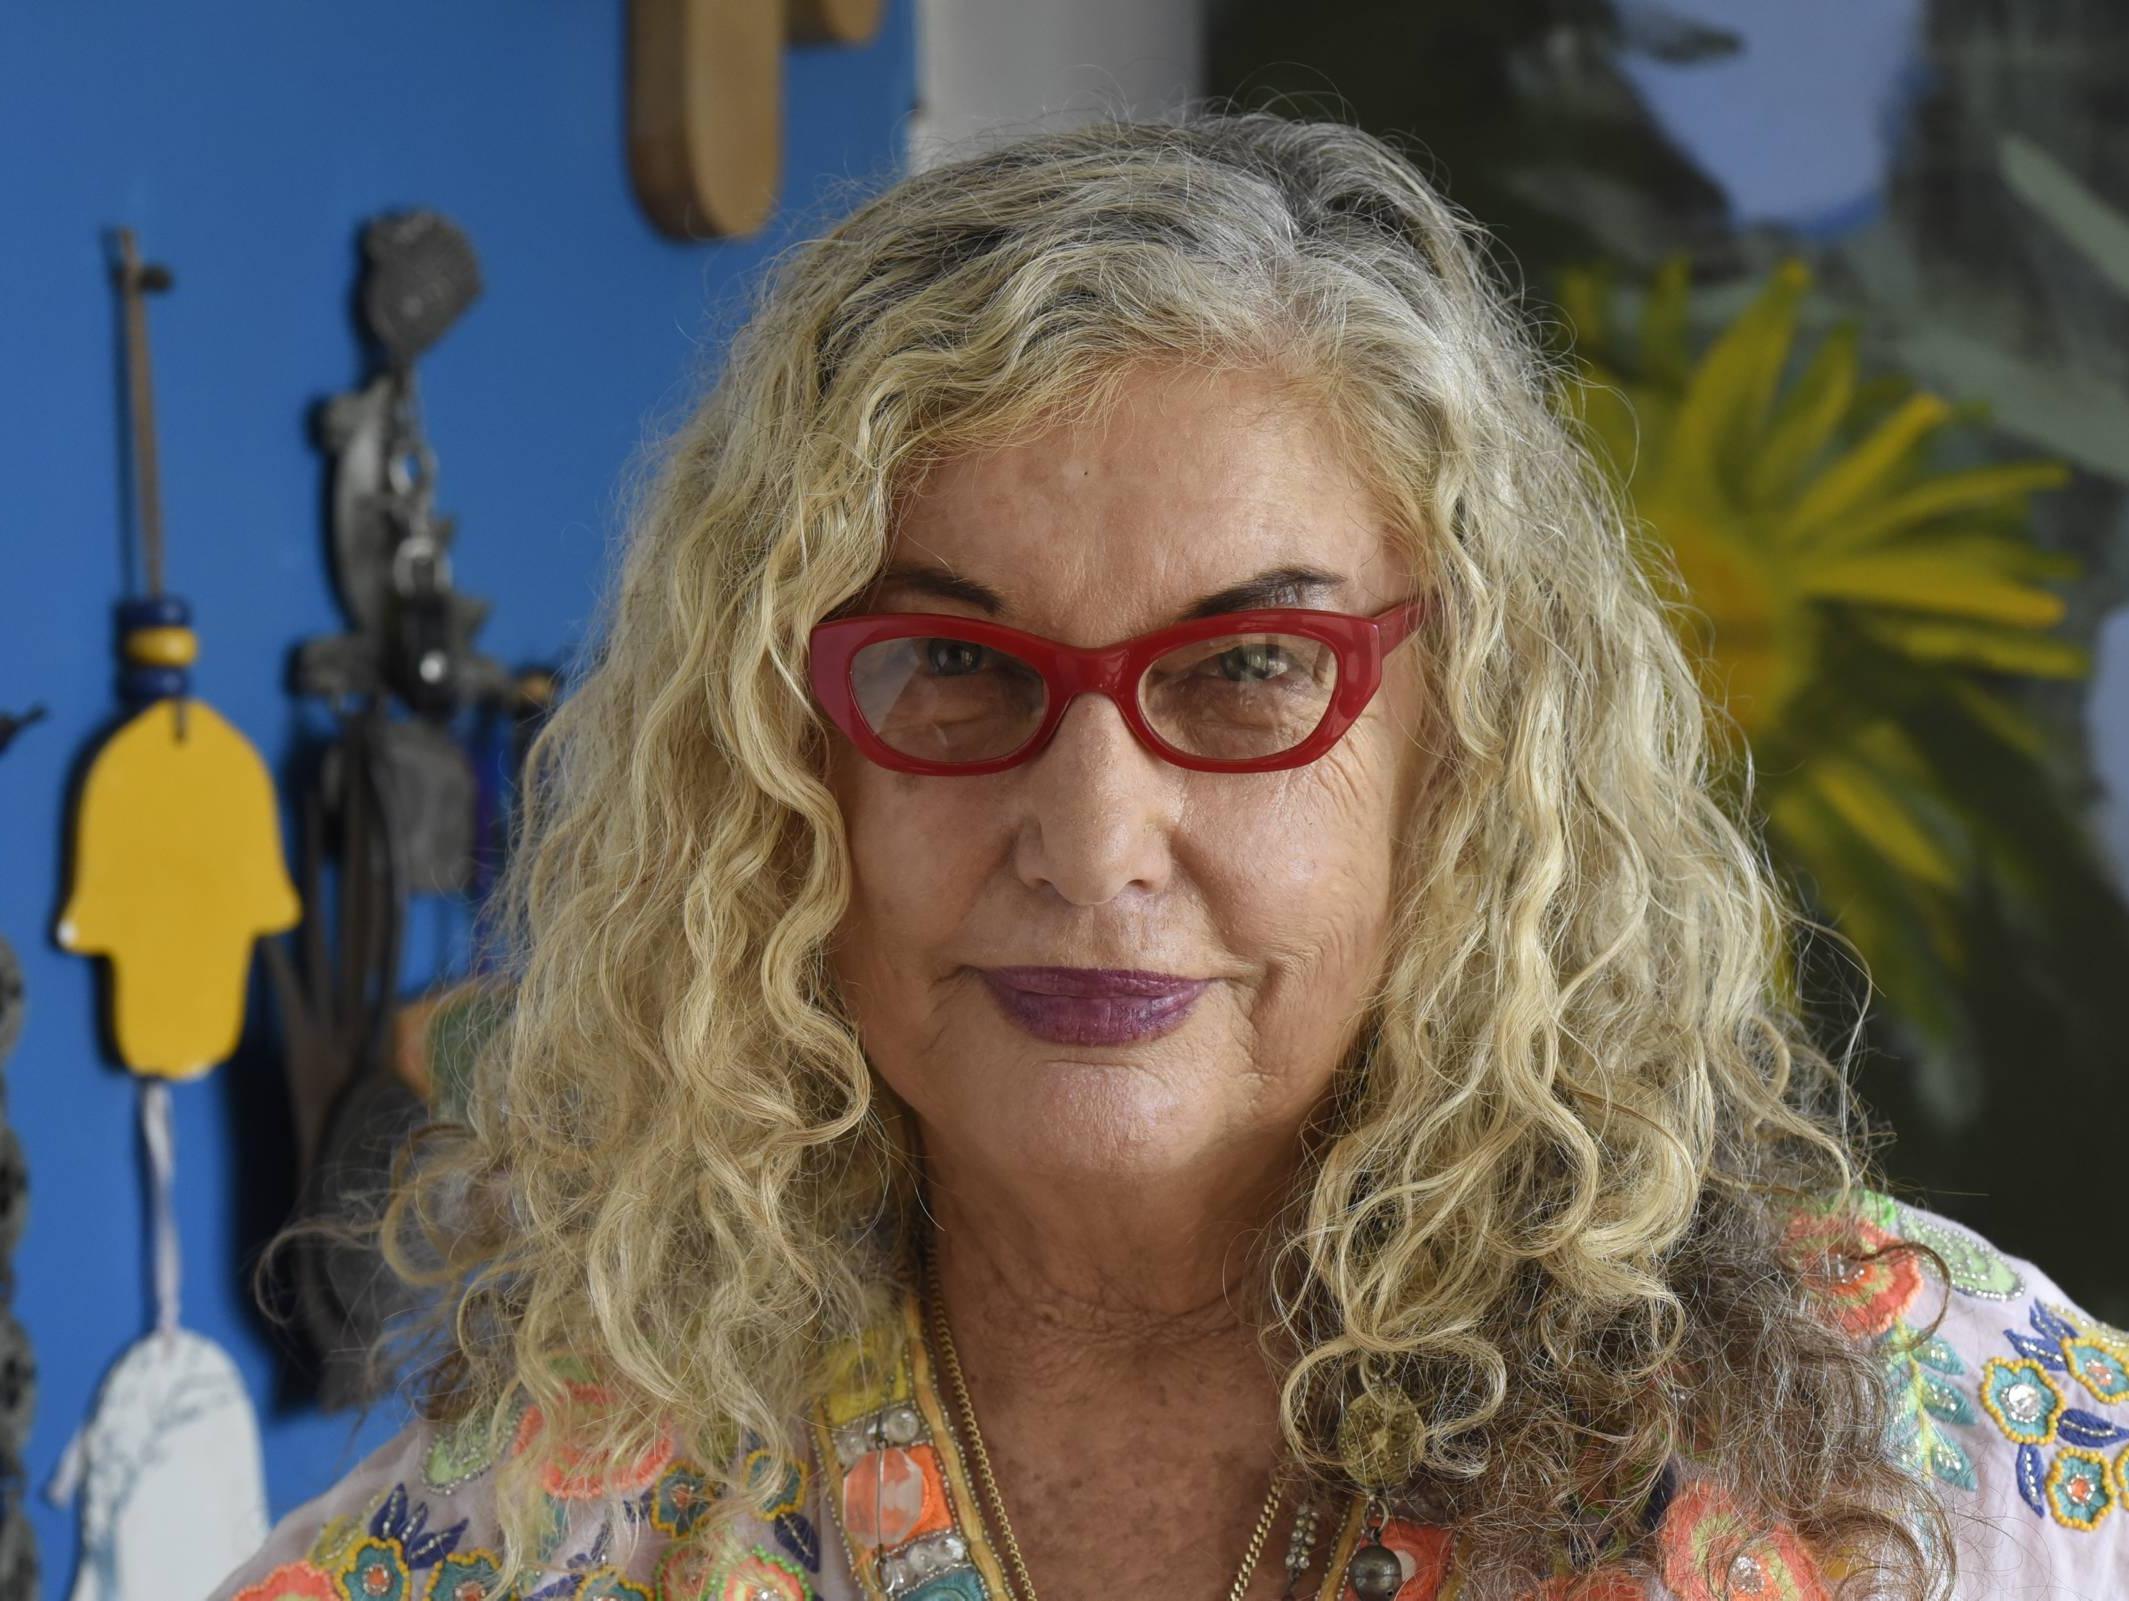 אמנית, חובבת בודהיזם, אשכנזיה: הכירו את הסבתא של עומר אדם